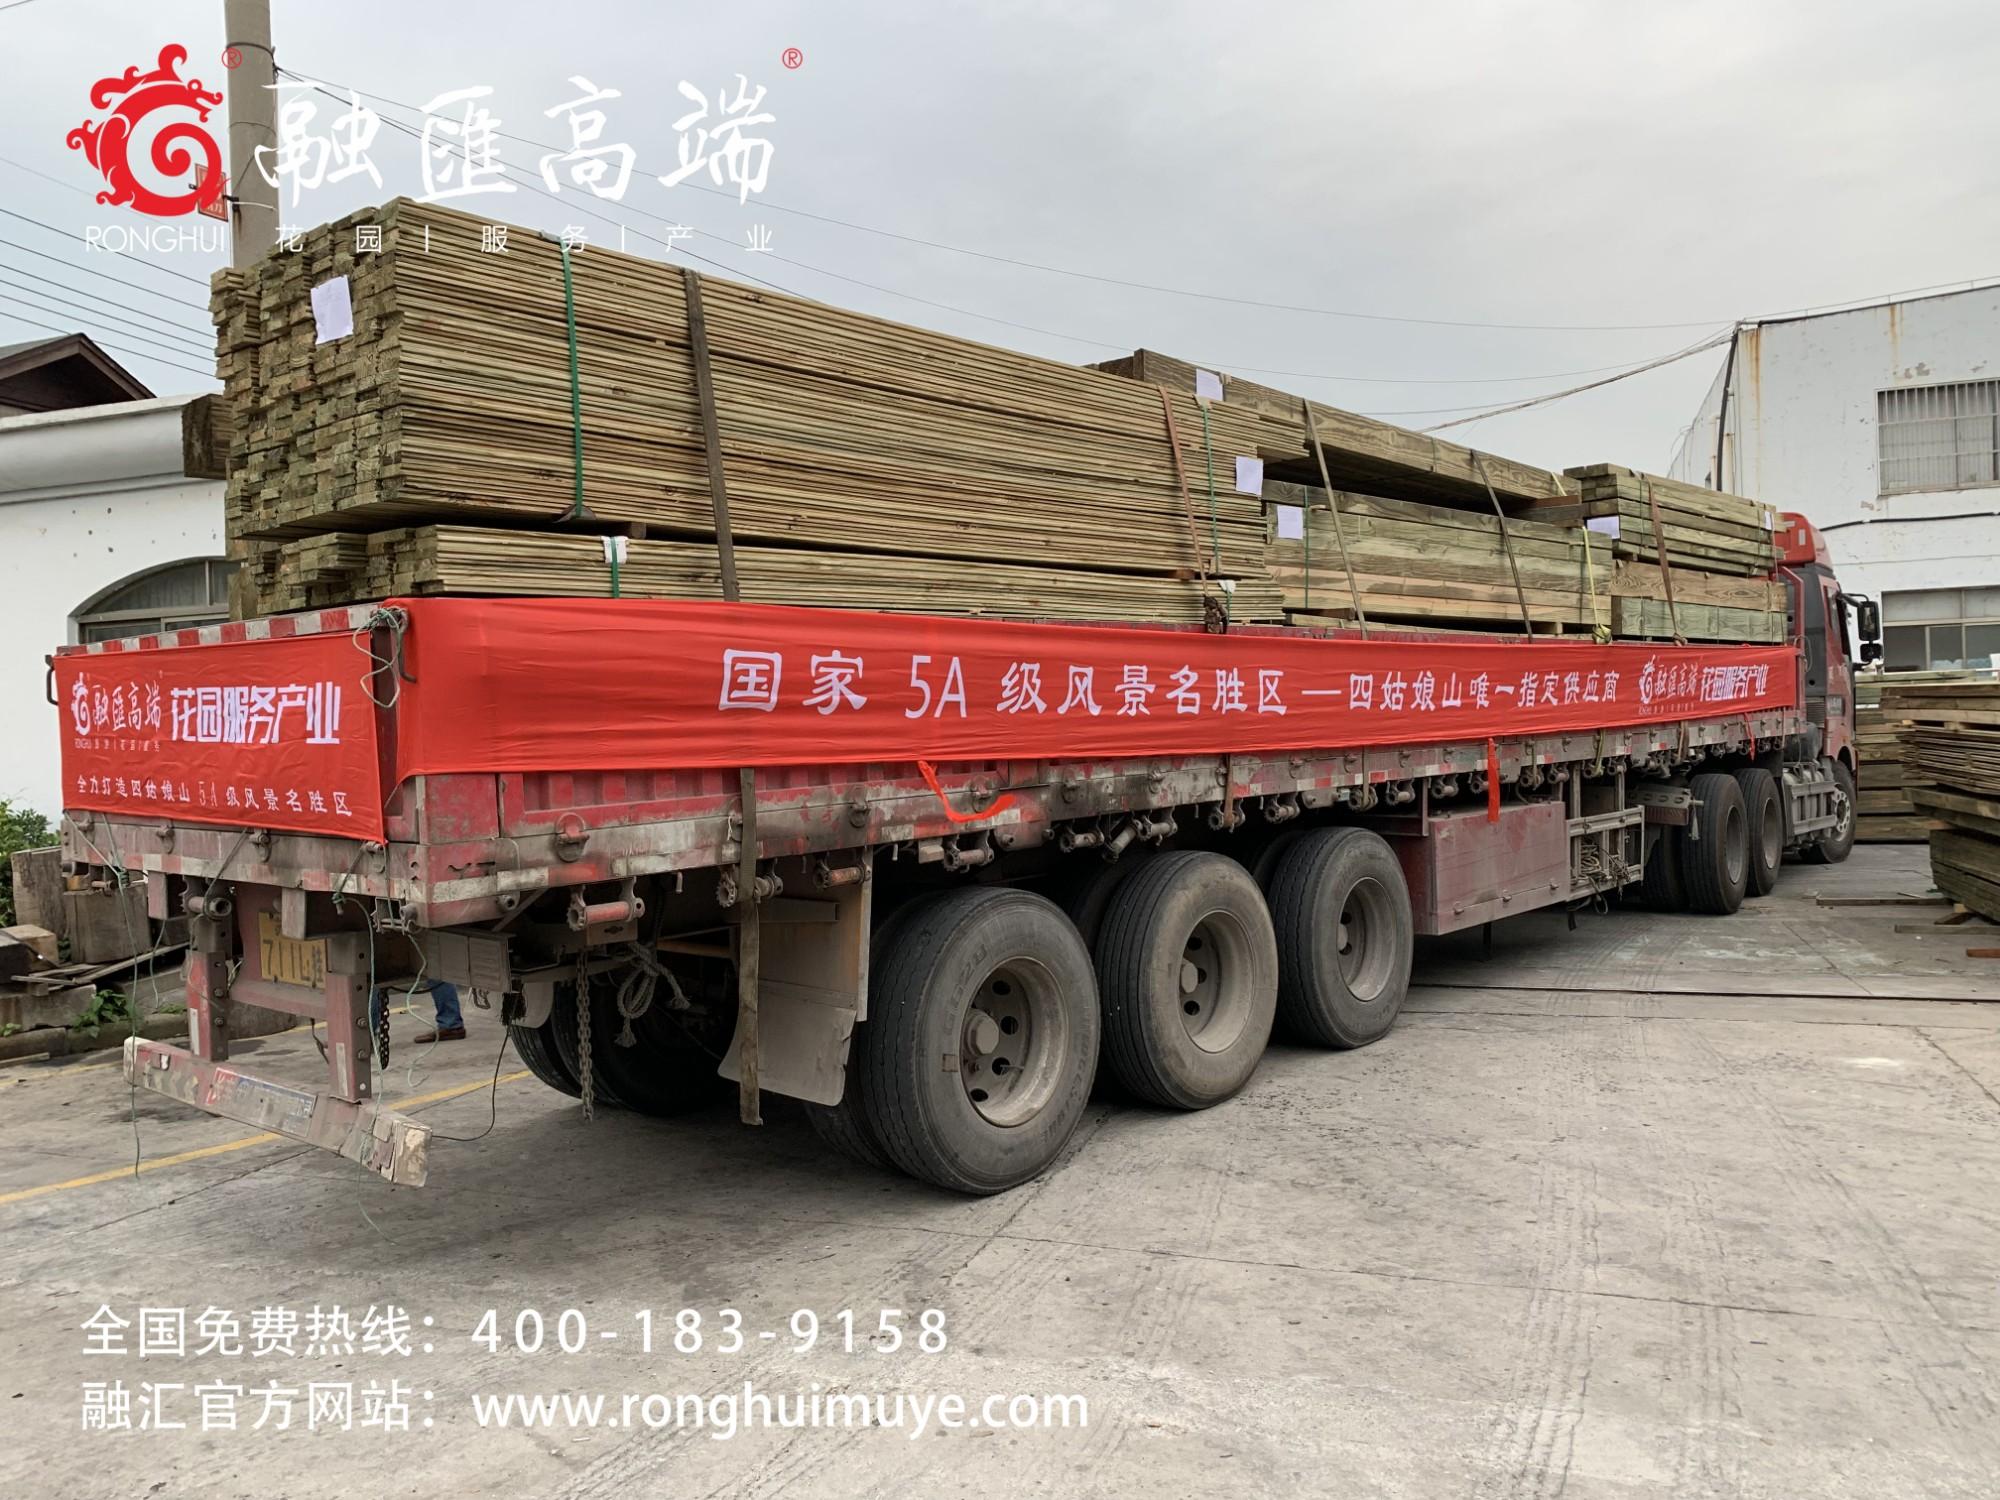 国际5A级风景区四姑娘山指定融汇高端4000立方材料唯一供应商